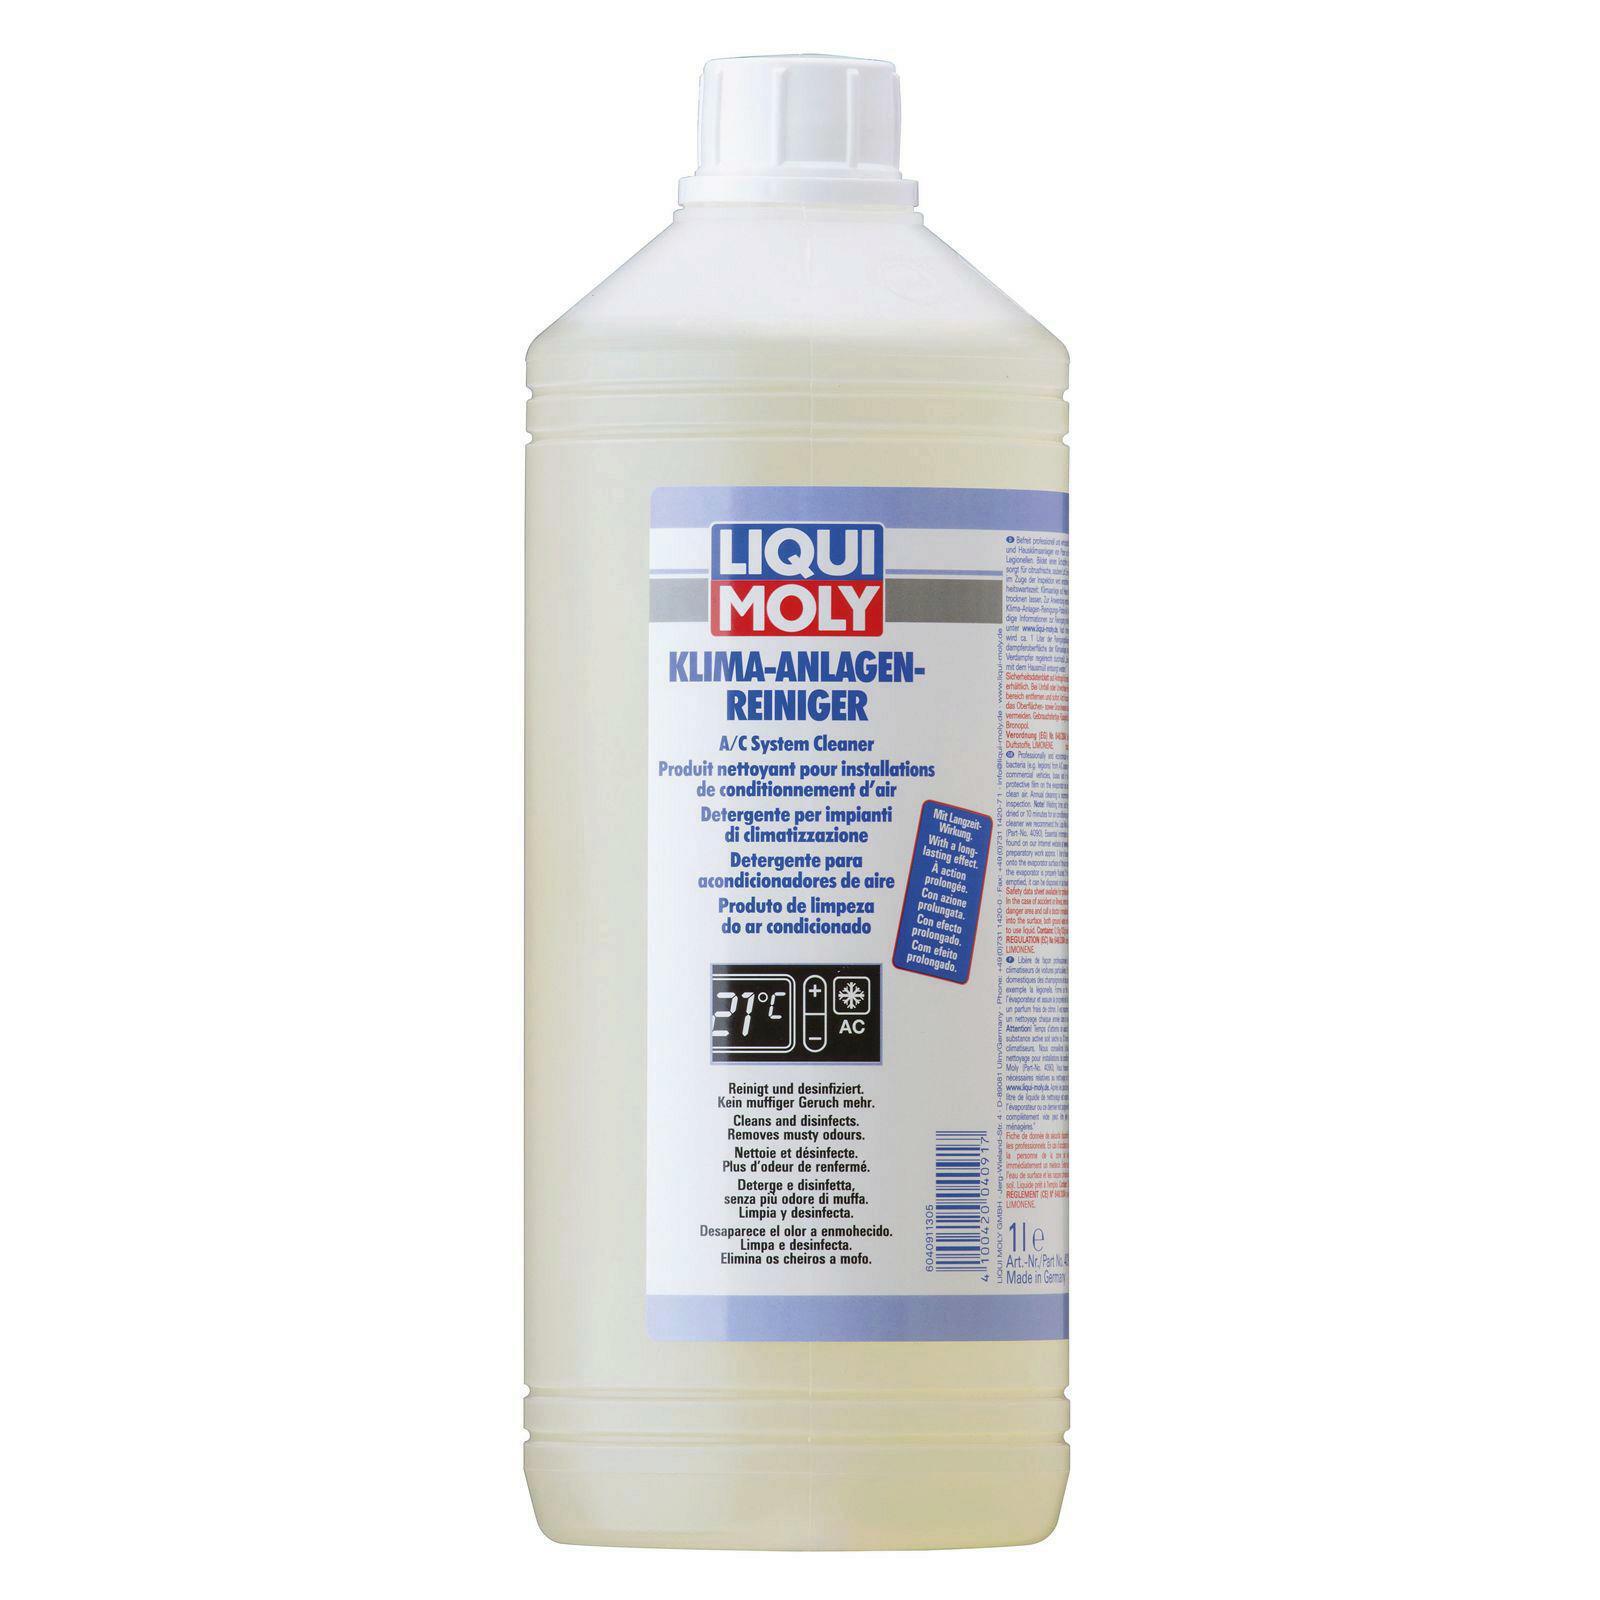 Liqui Moly Klima-Anlagen-Reiniger 1l